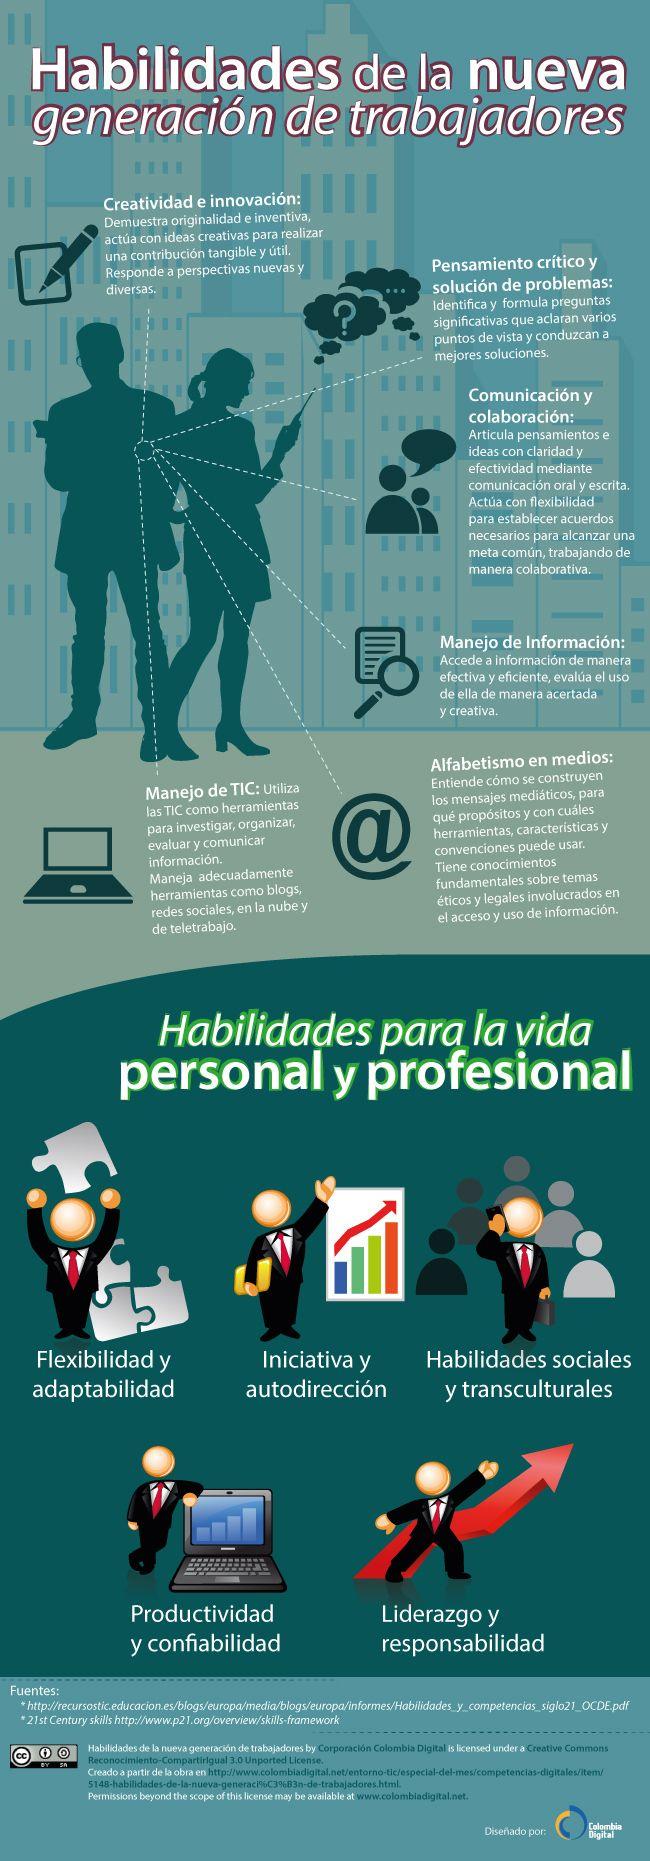 Habilidades de la nueva generación de trabajadores #infografia